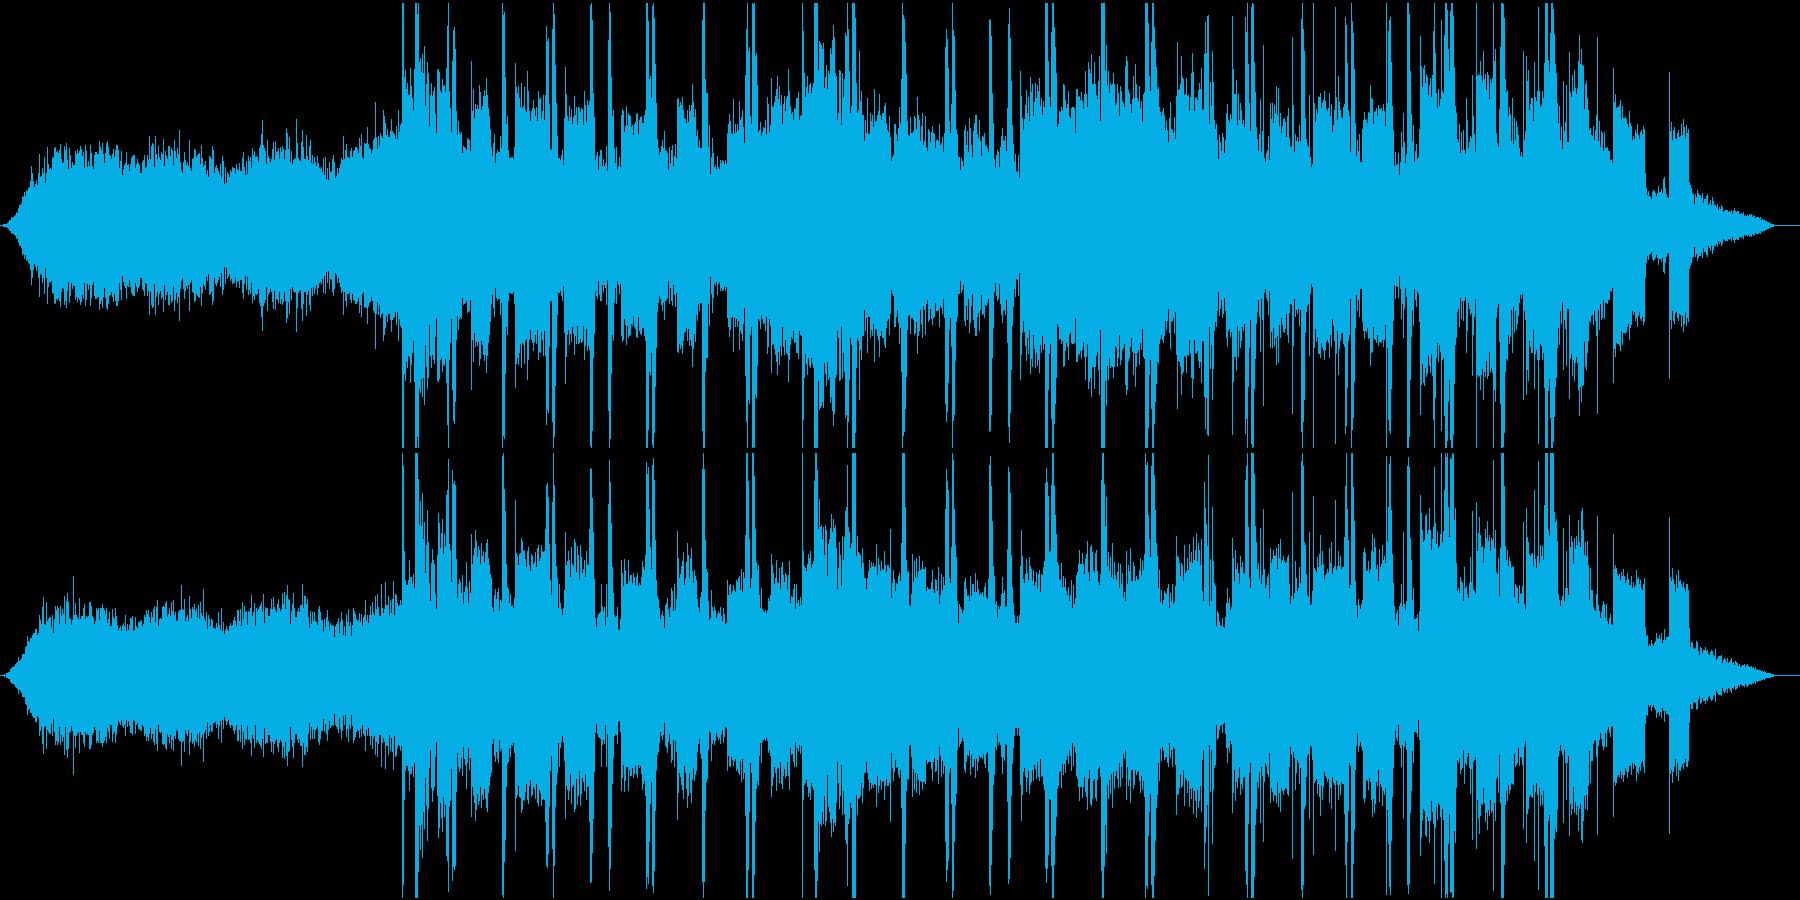 海底をイメージした不気味だけど壮大な曲の再生済みの波形